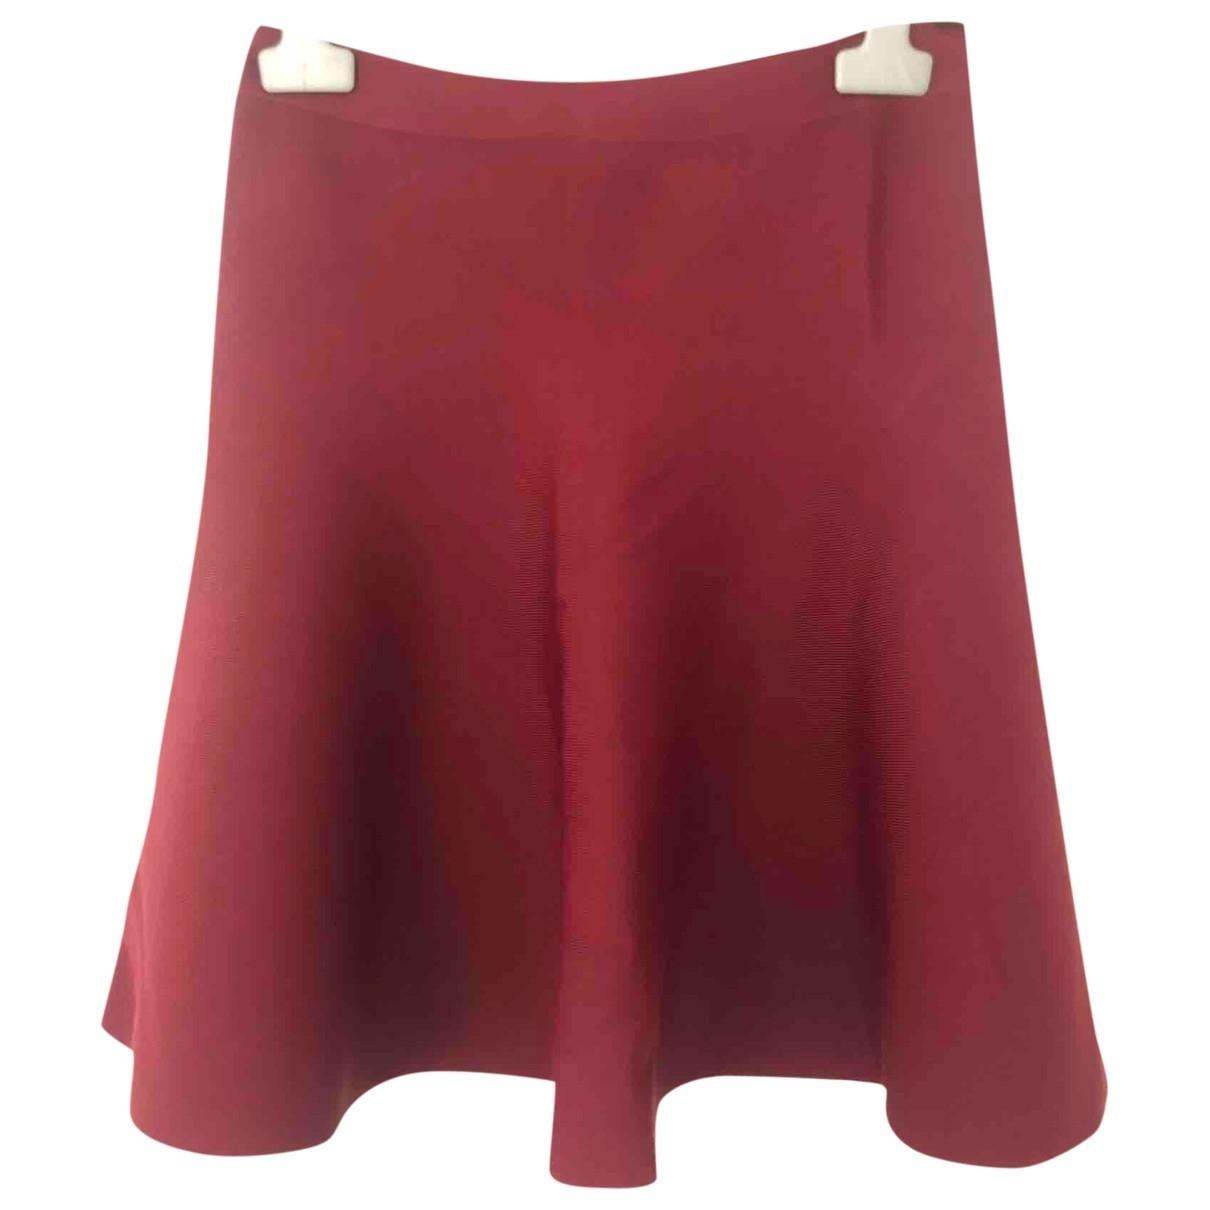 Bcbg Max Azria \N Burgundy skirt for Women M International